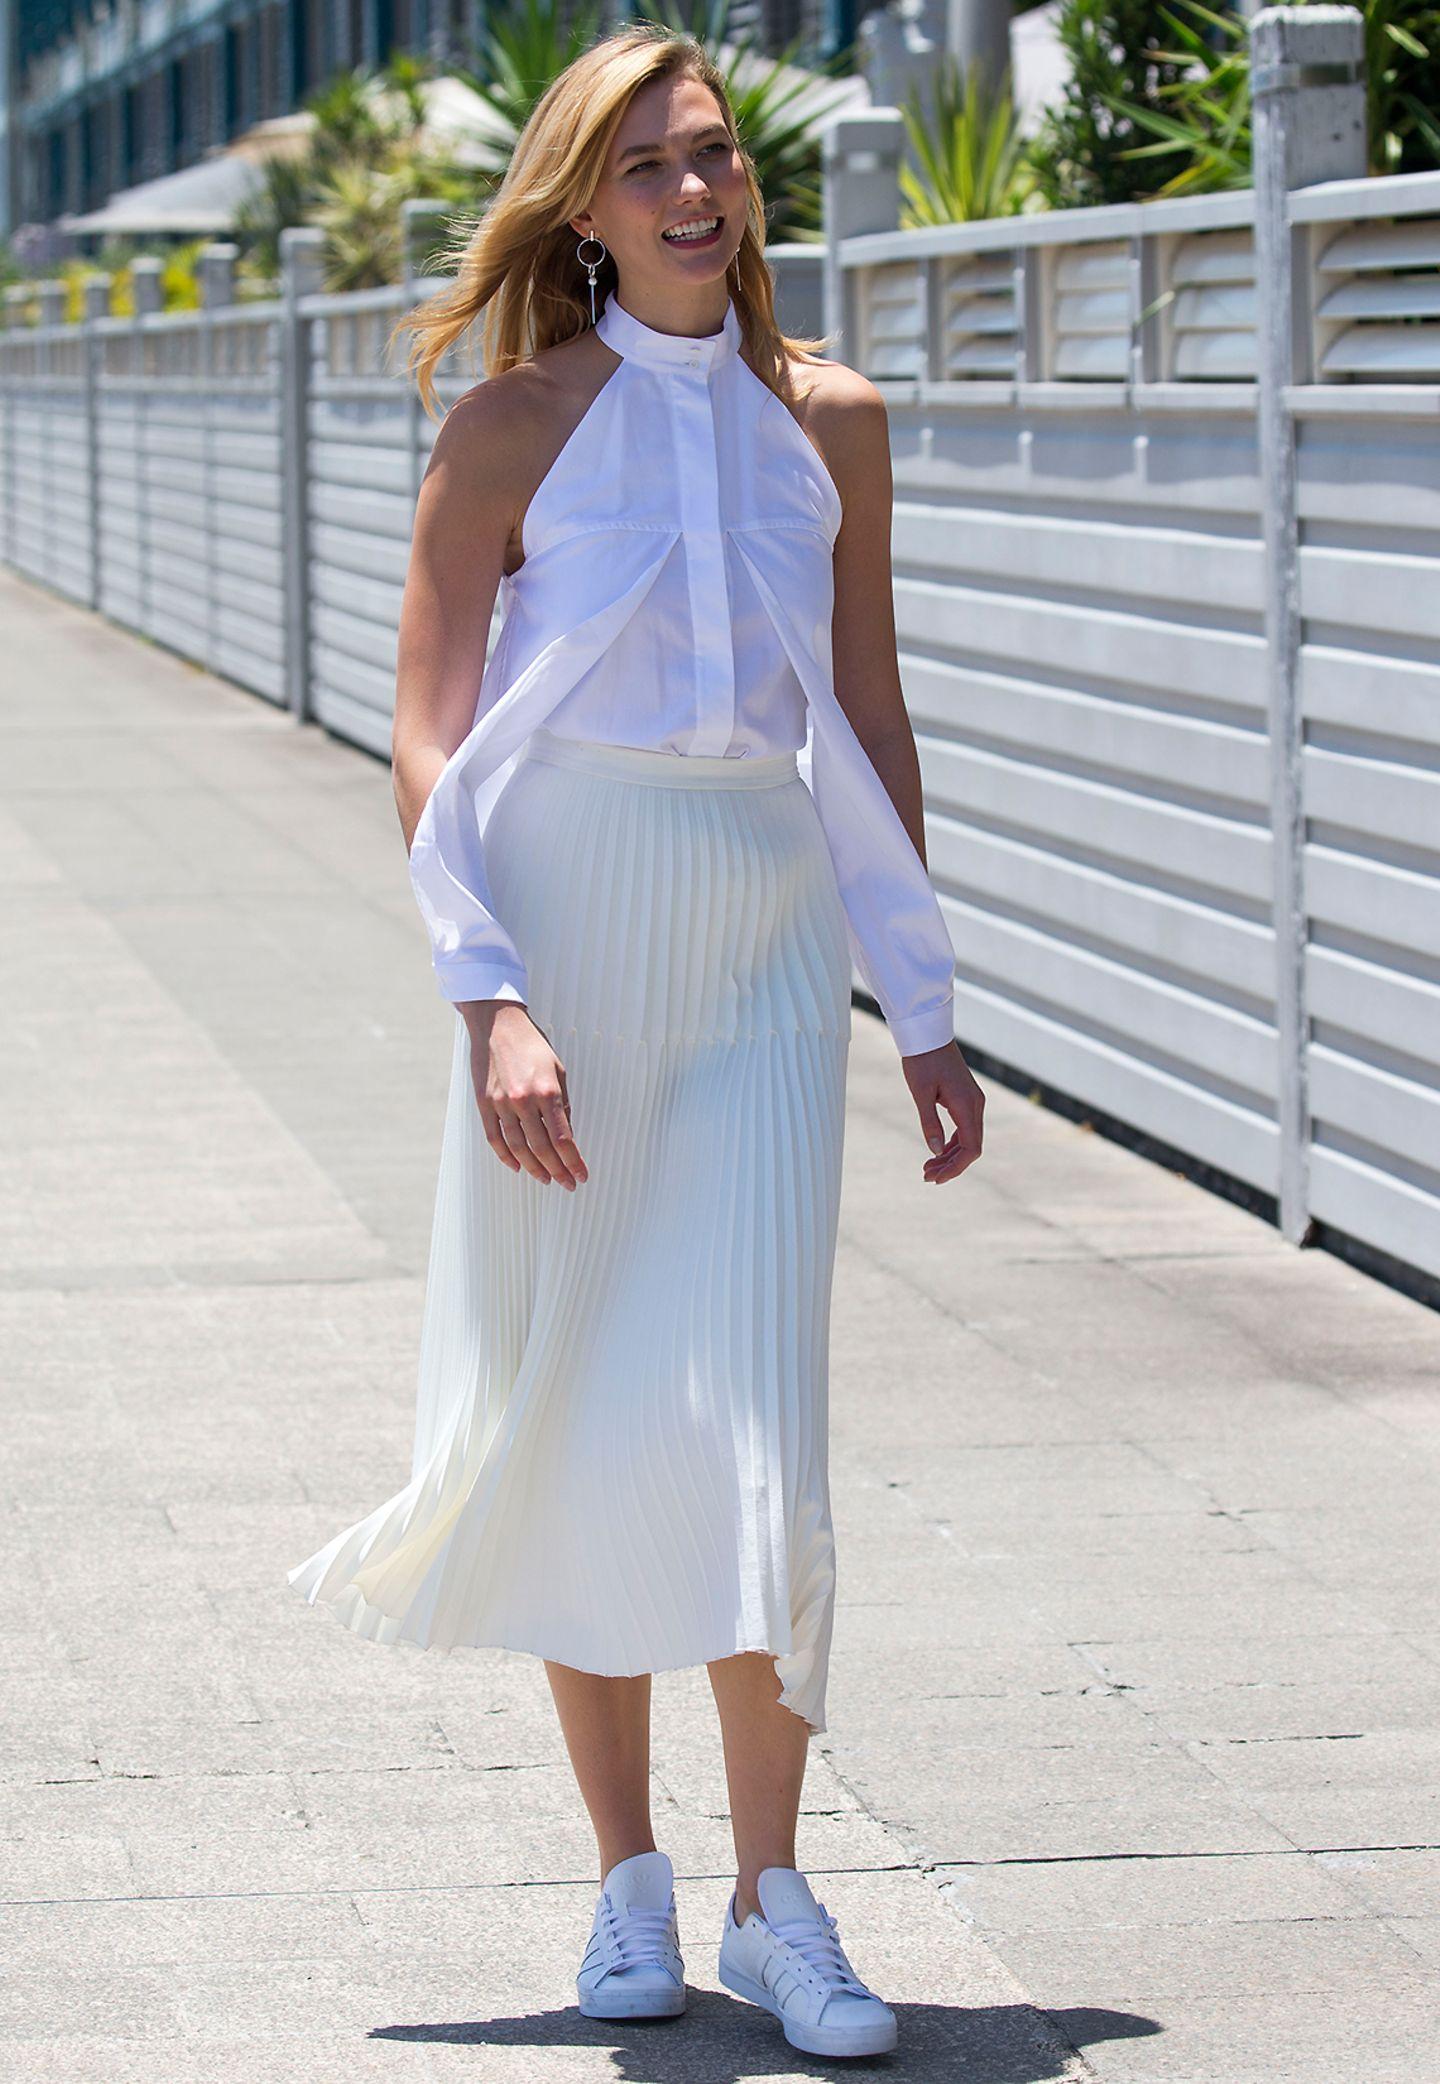 Ganz in Weiß strahlt Karlie Kloss in Sydney. Besonders auffällig ist die Bluse des Models.